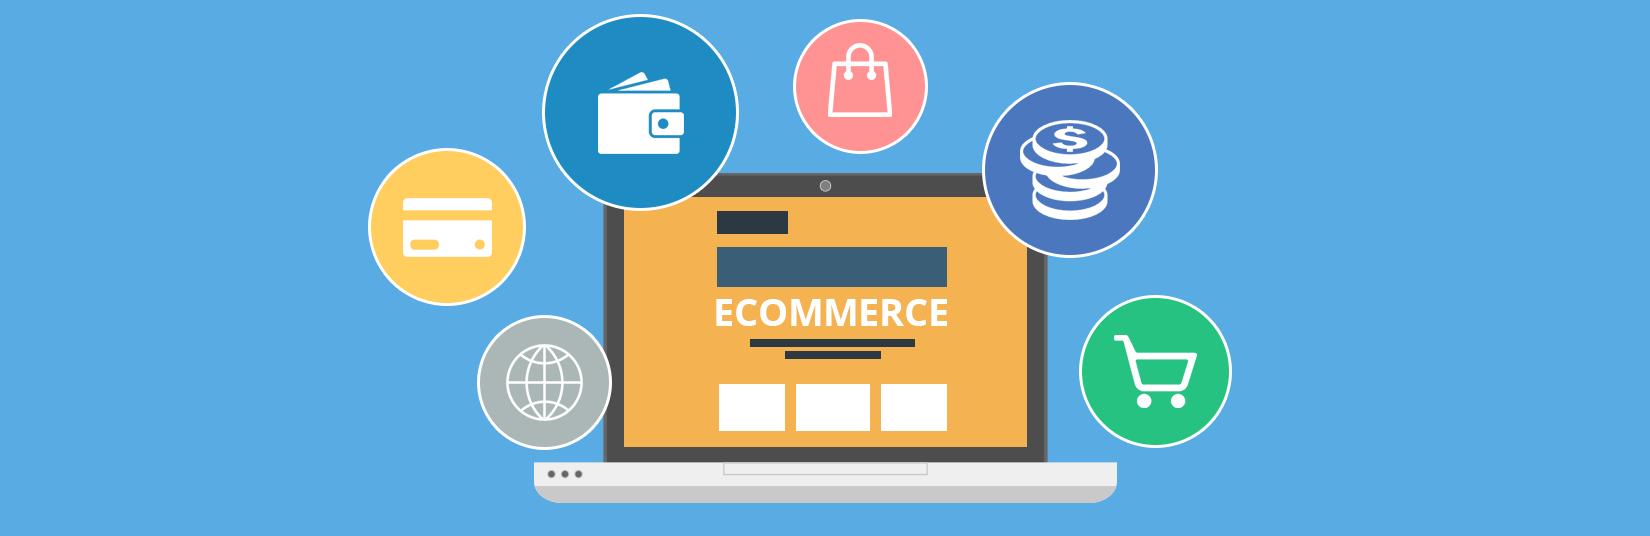 E-commerce e motori di ricerca, i vantaggi della rete